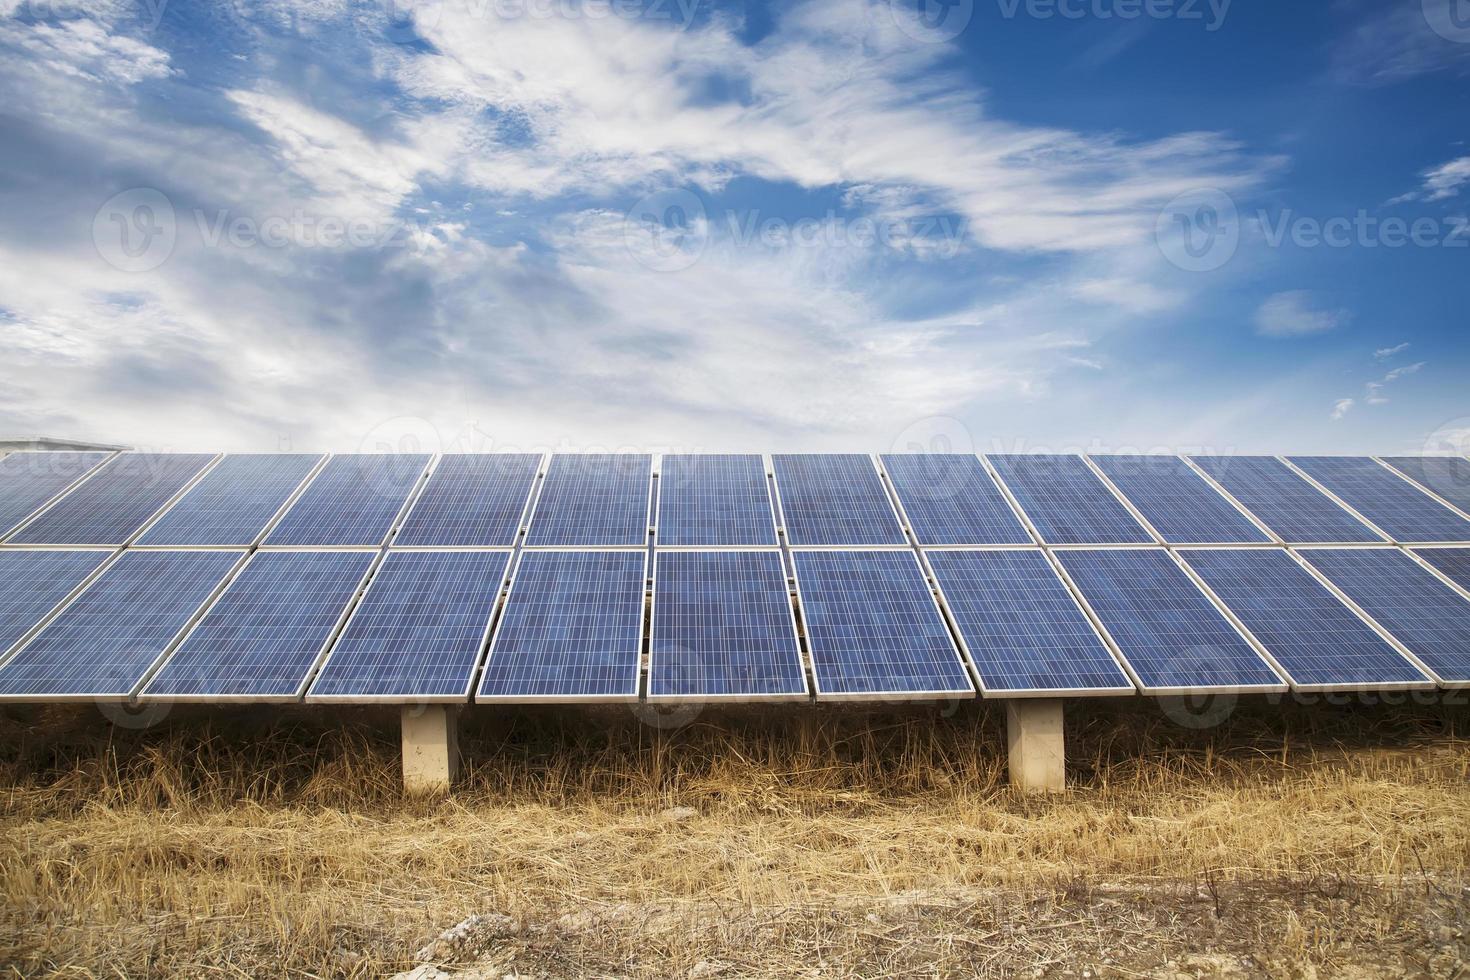 centrale elettrica usando l'energia solare rinnovabile con il sole foto